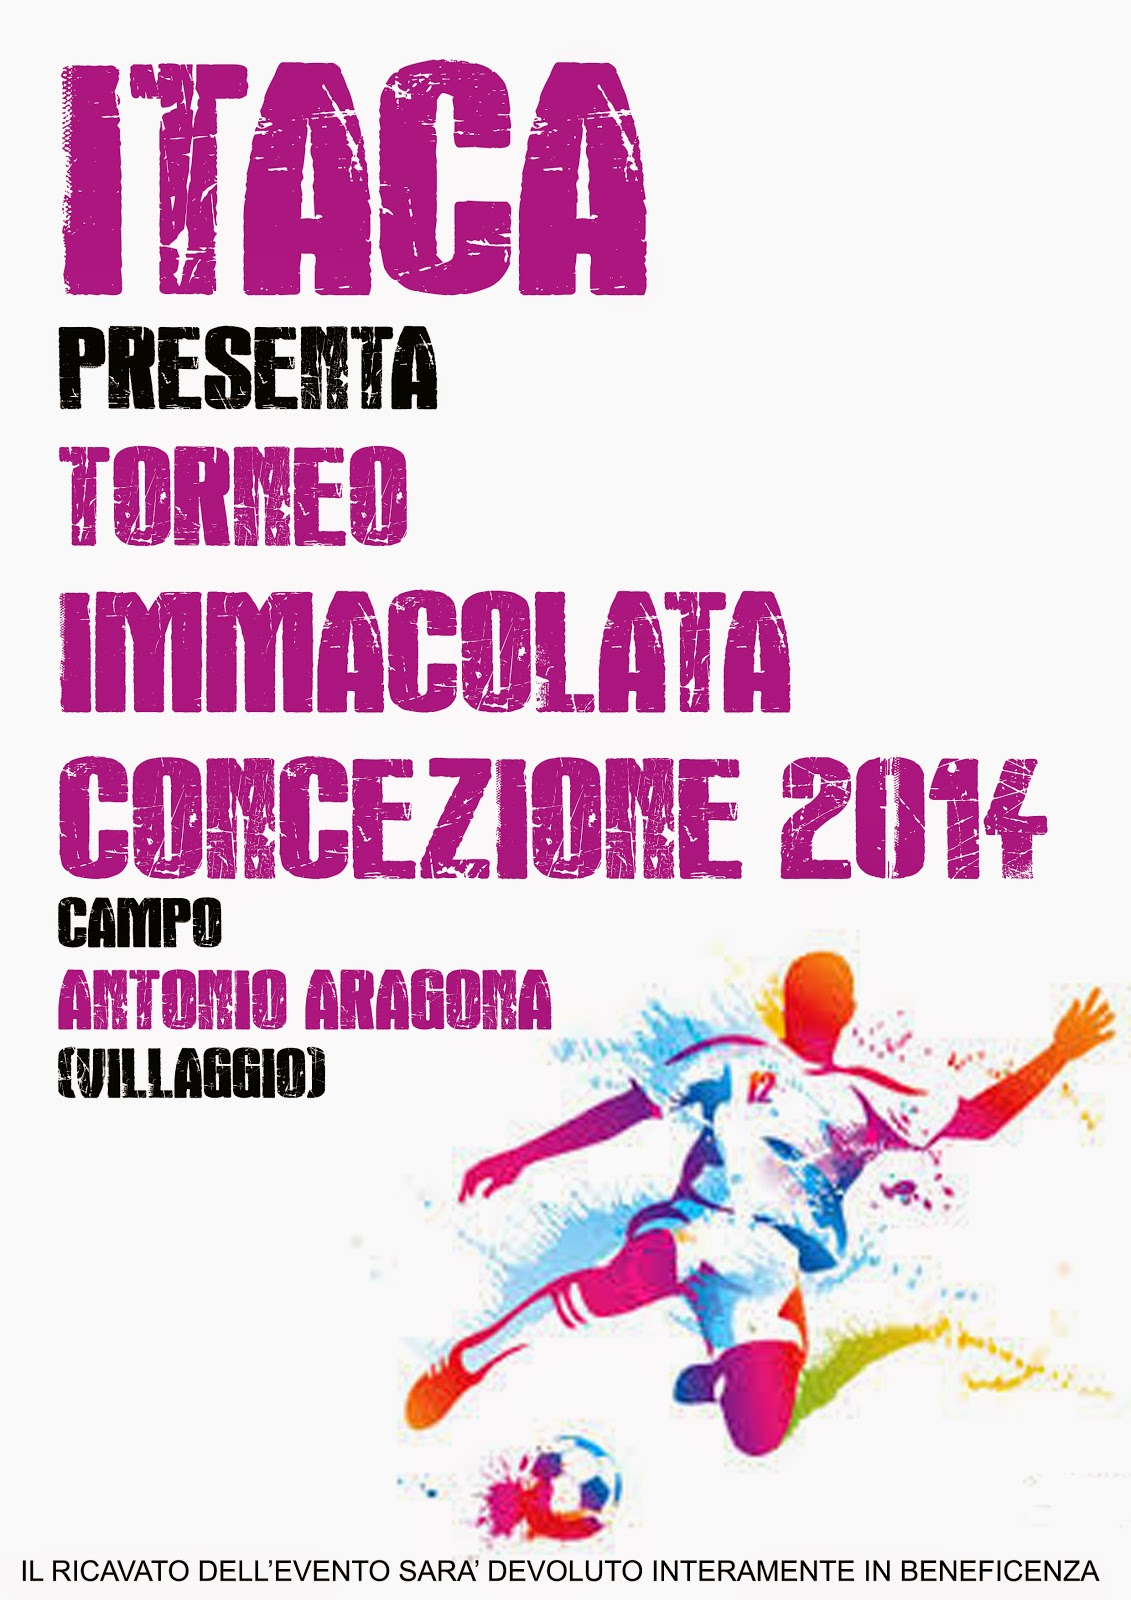 http://gruppoitaca.blogspot.it/p/torneo-immacolata-conezione-2014.html